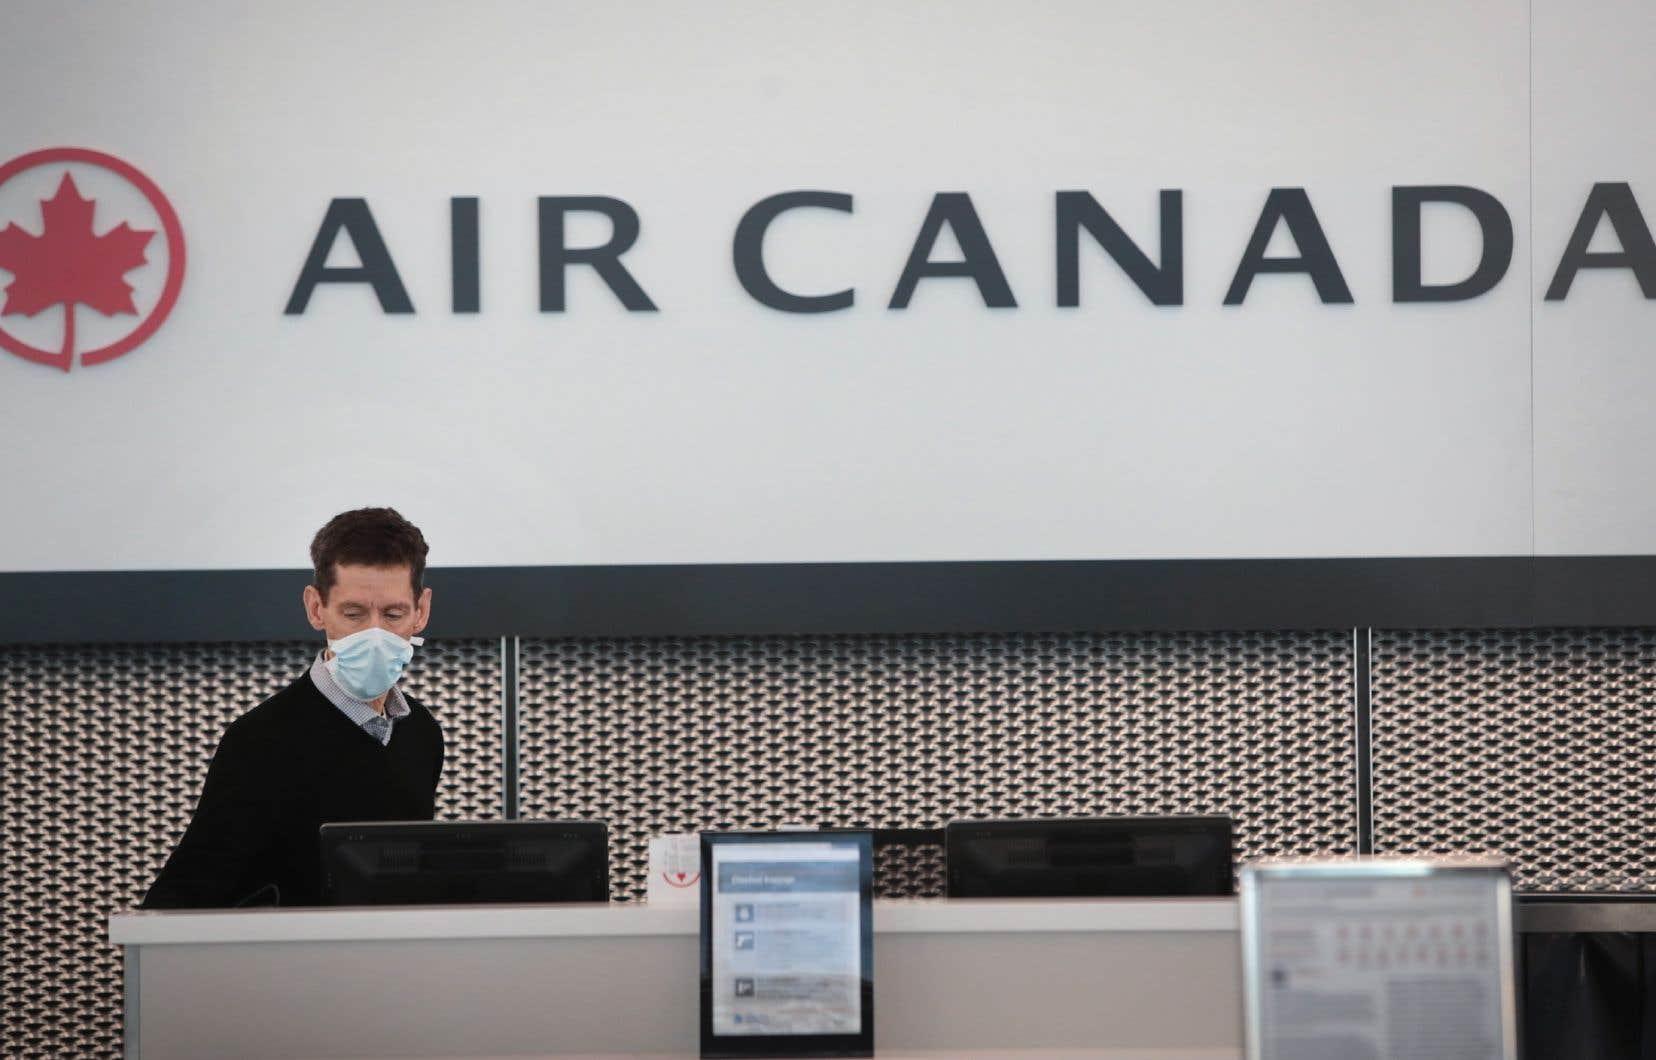 La compagnie basée à Montréal dépense d'importantes sommes d'argent depuis la mi-mars alors qu'elle s'attend à avoir encore moins de passagers entre avril et juin.